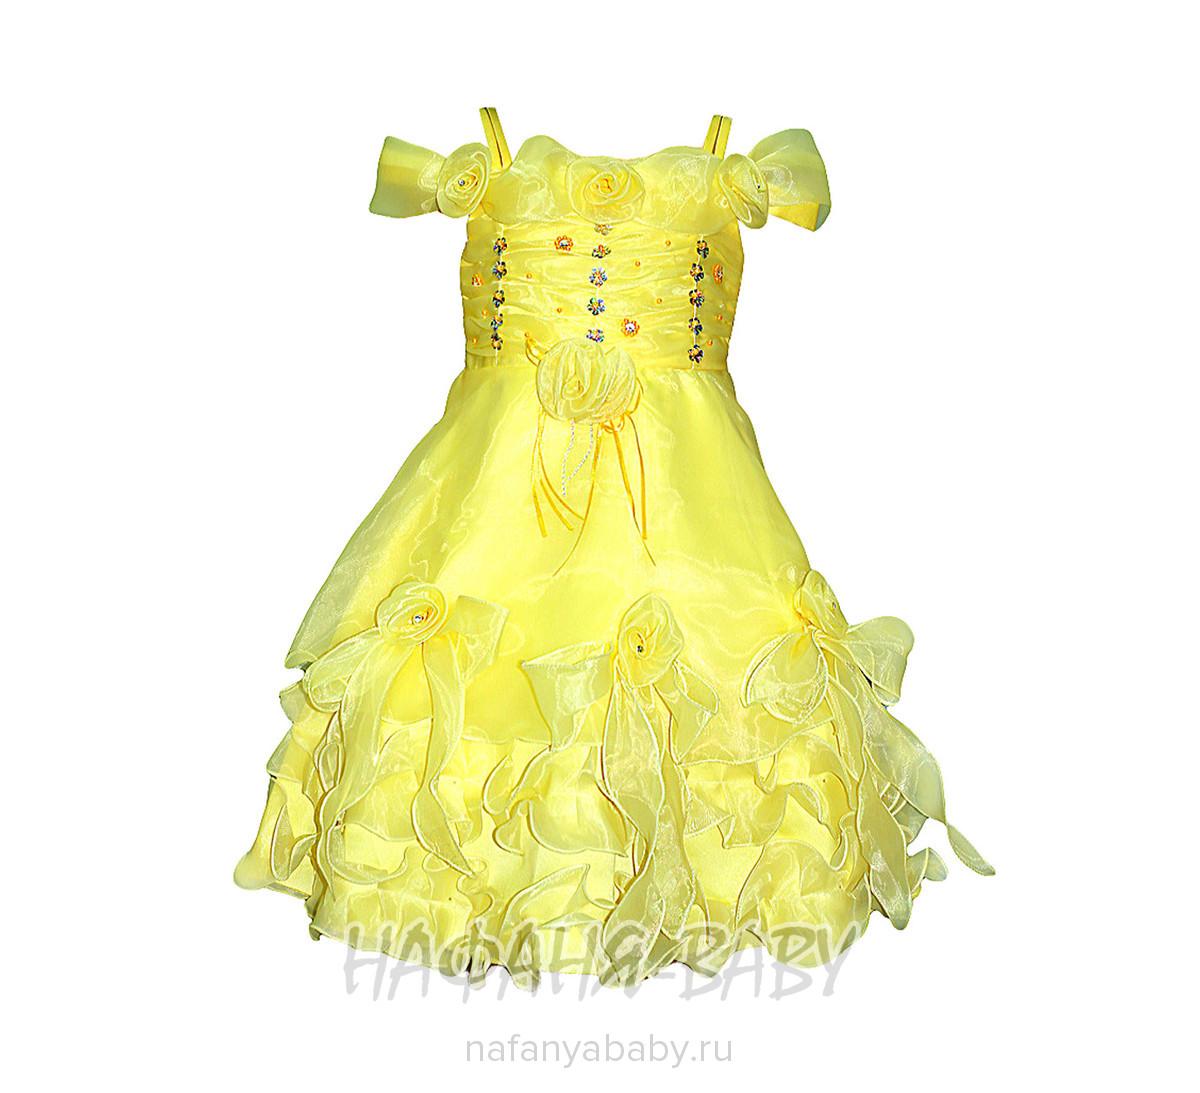 Детское платье , купить в интернет магазине Нафаня. арт: 1013.